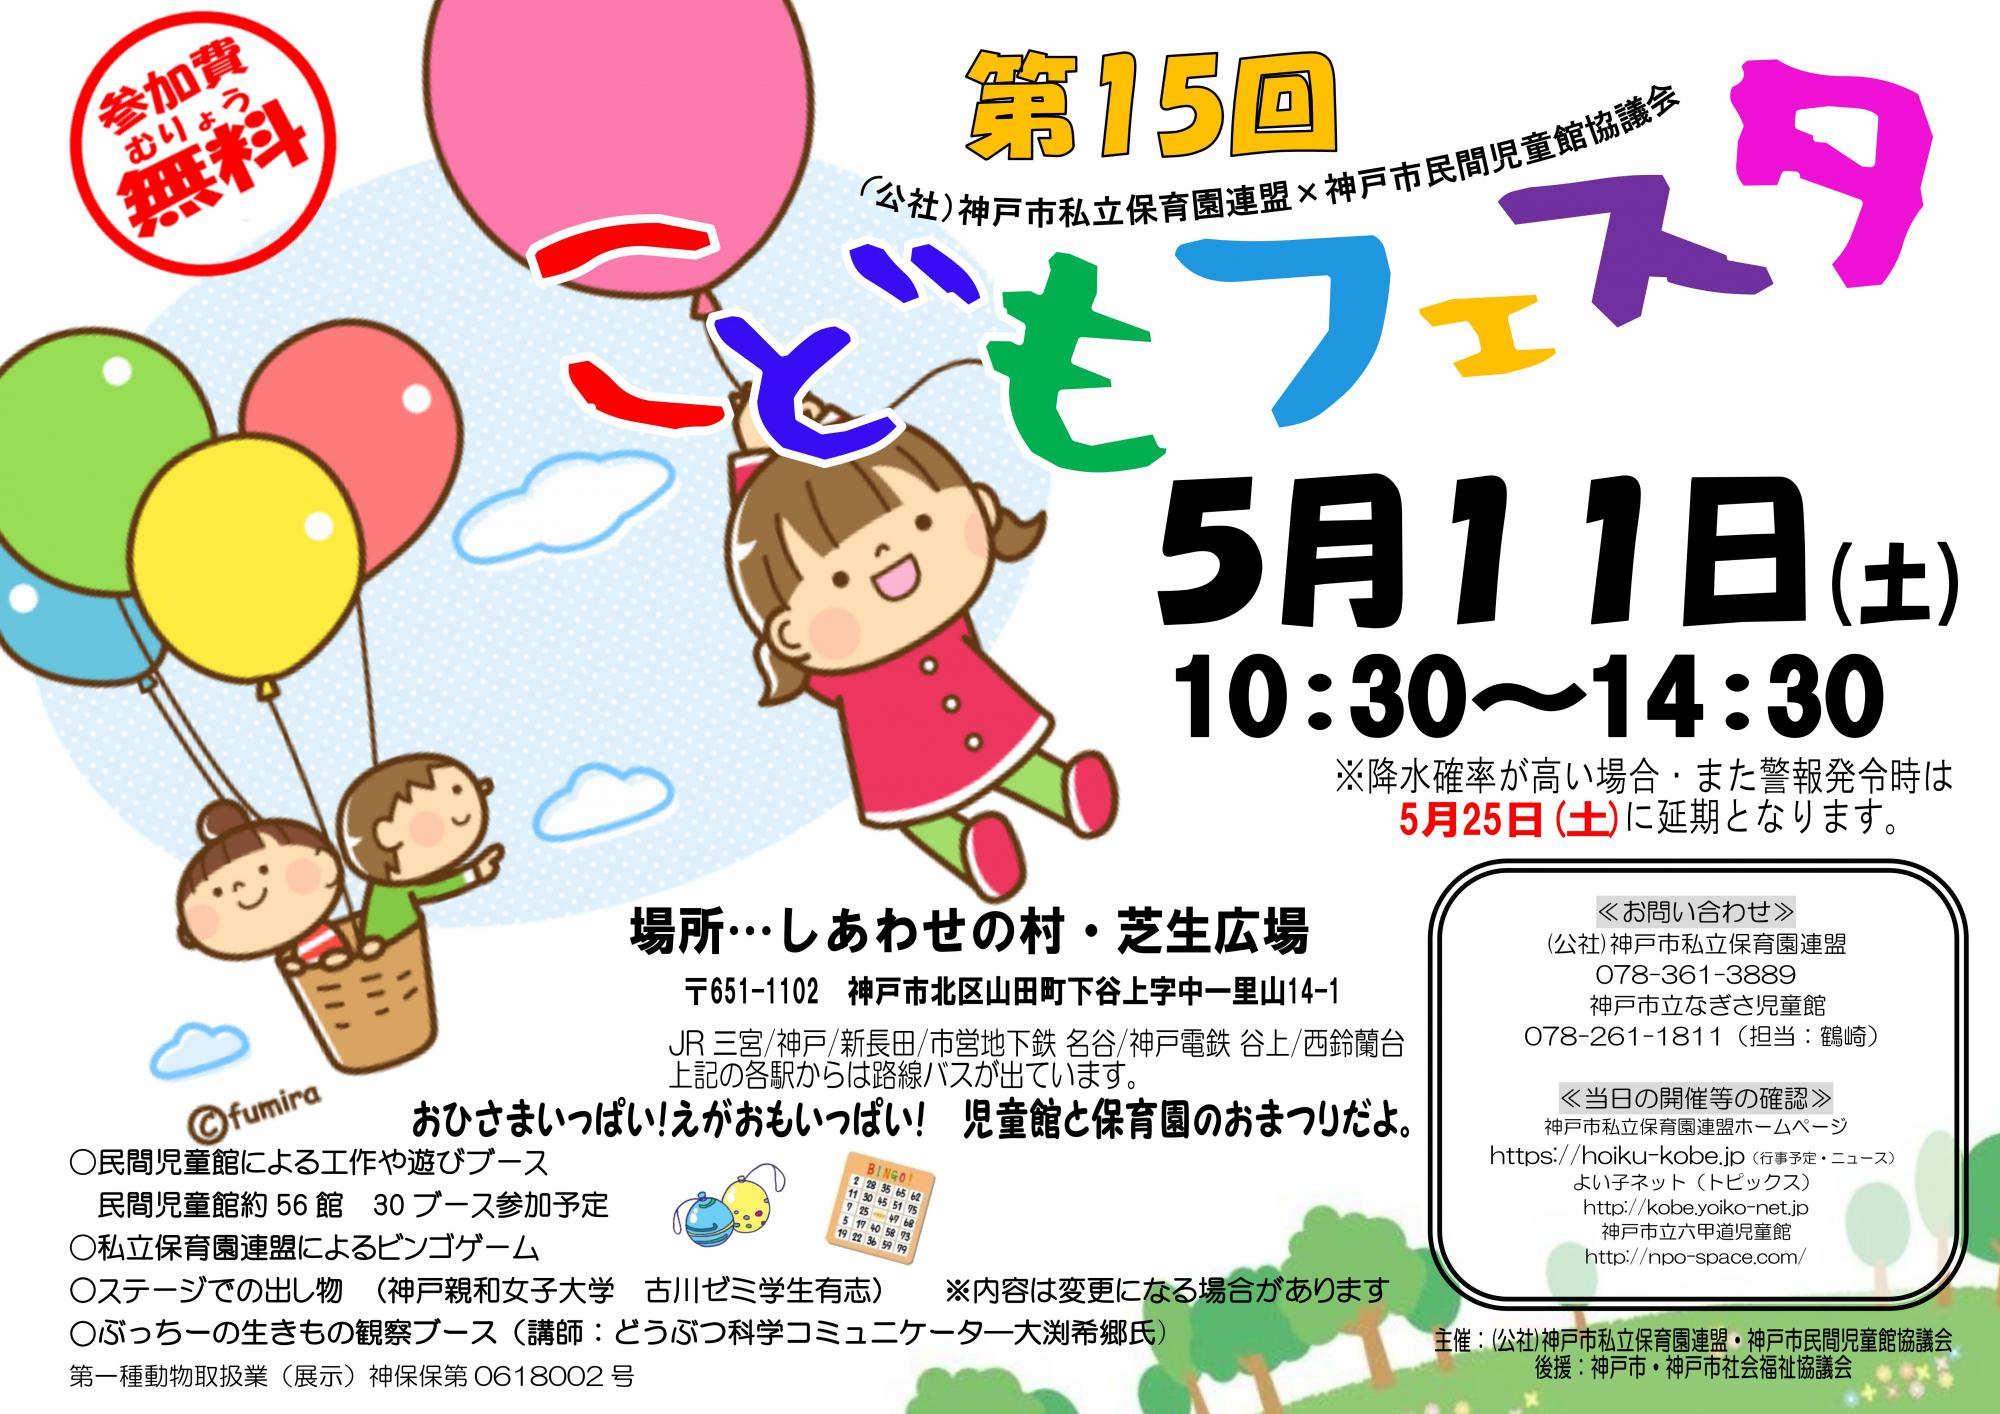 『こどもフェスタ』神戸市民間児童館×神戸市私立保育園連盟